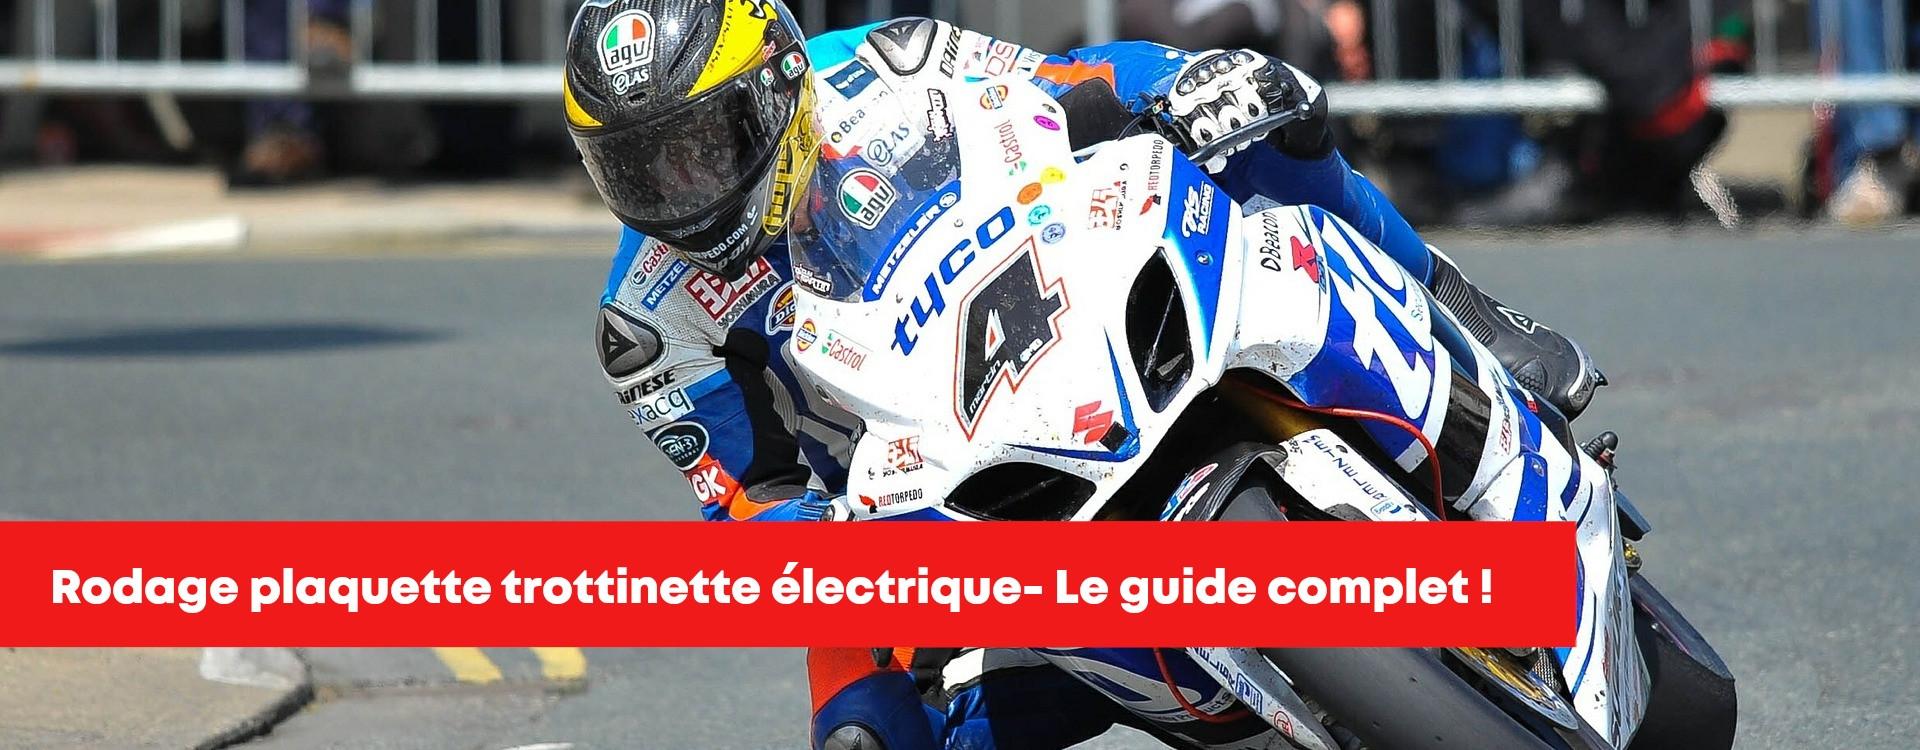 Rodage plaquette frein trottinette électrique pour un freinage précis et performant !